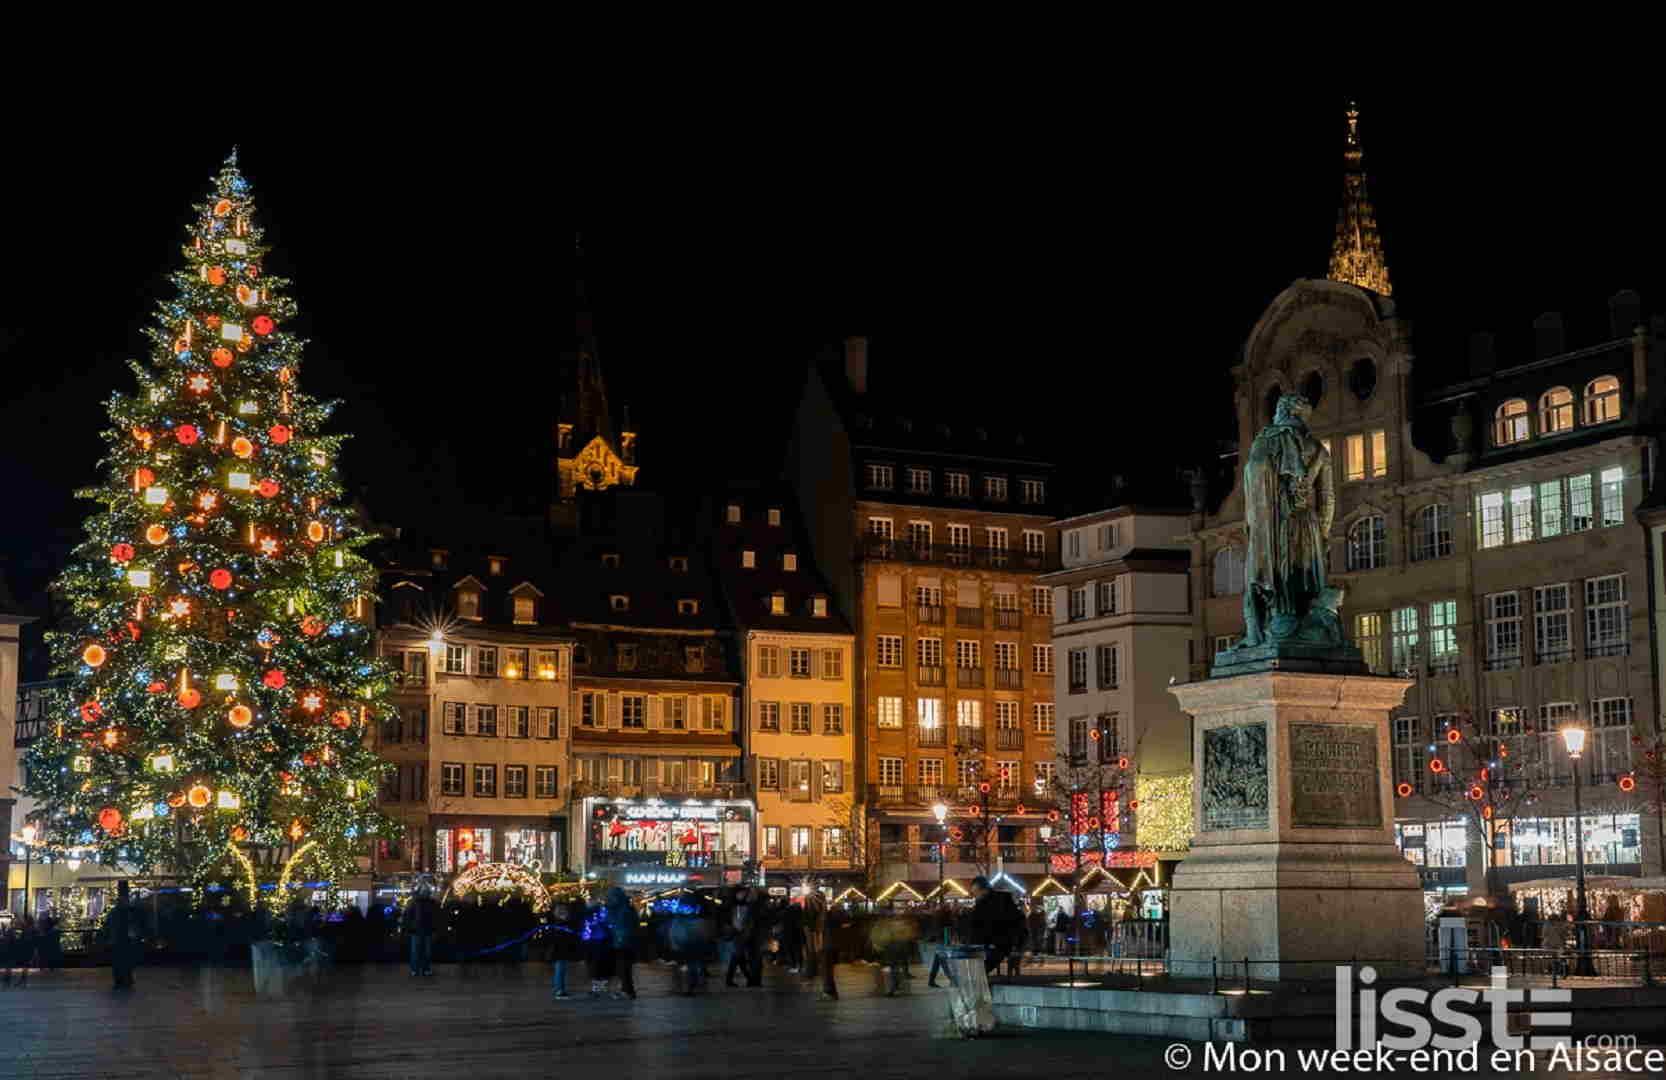 marche-noel-strasbourg-sapin-1567117377.jpg